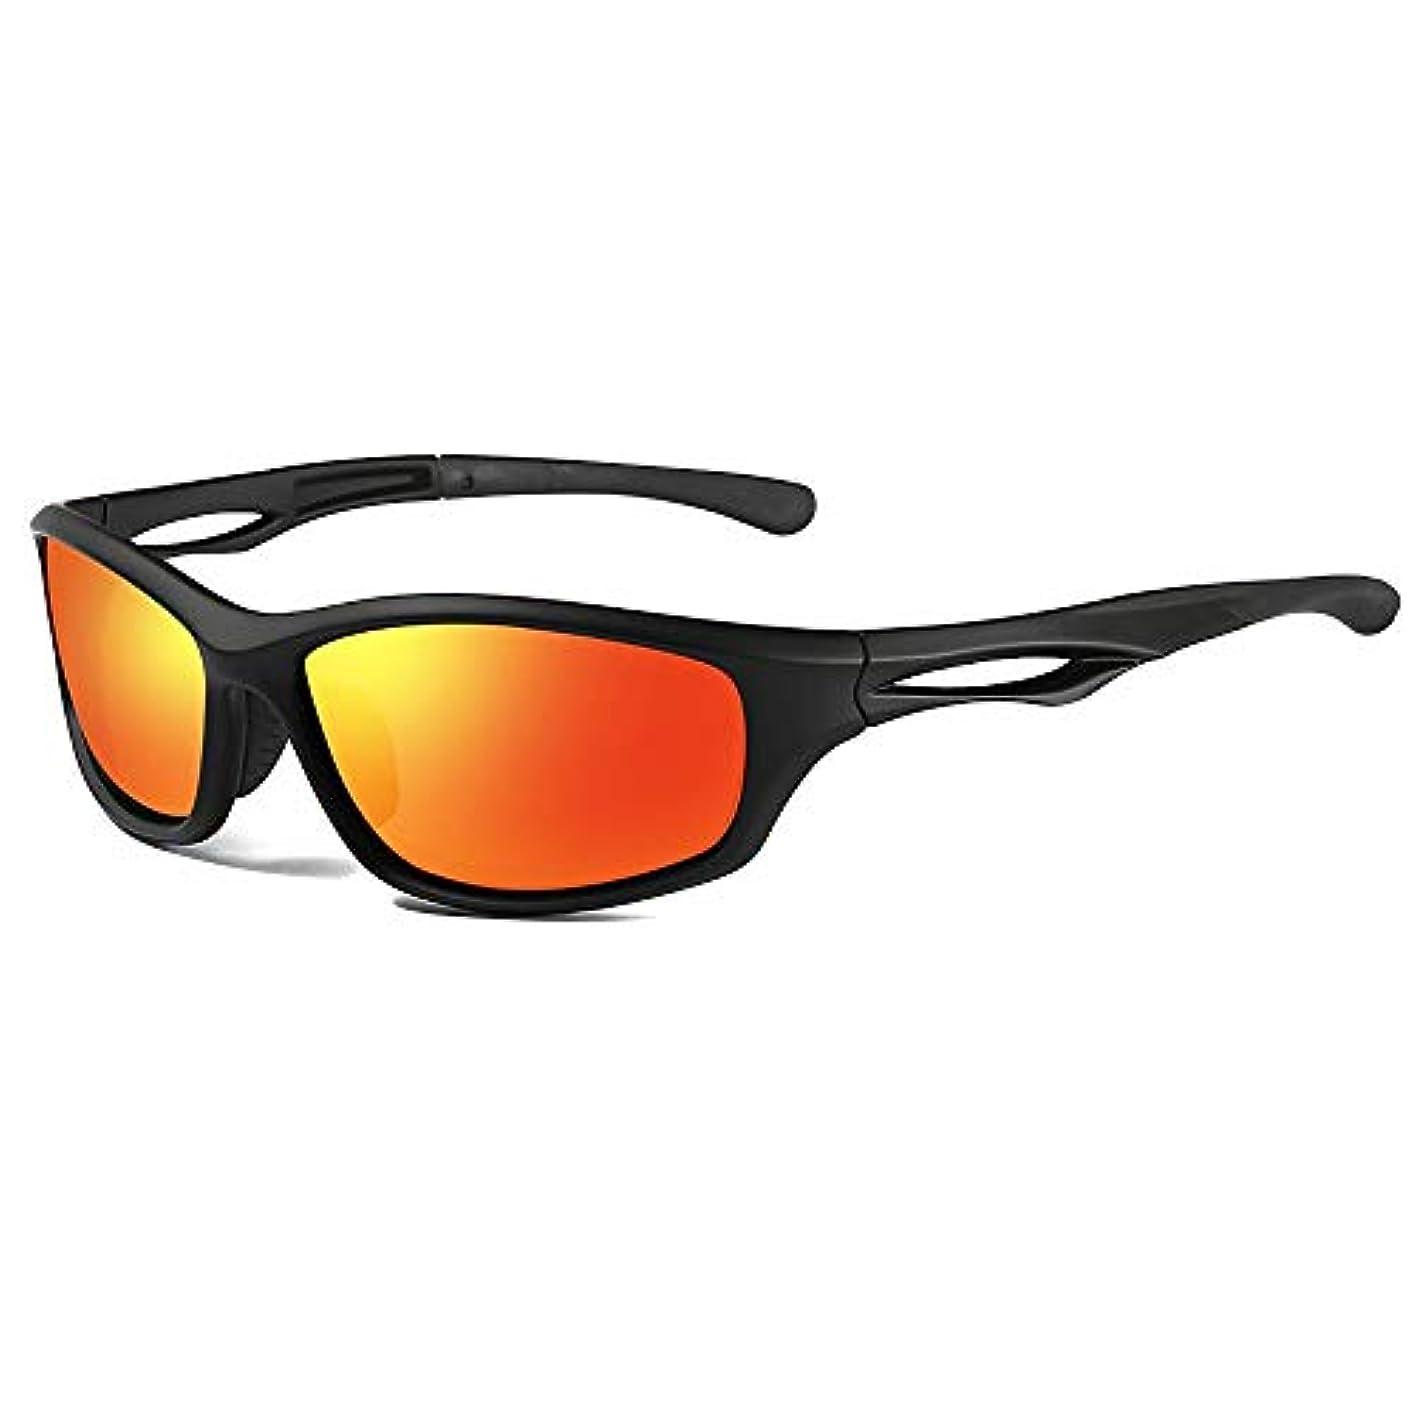 メンタリティ機関天才スポーツサングラス、ライディンググラス、UVカット、目の保護、スキーマウンテン、アウトドア旅行 PG-68